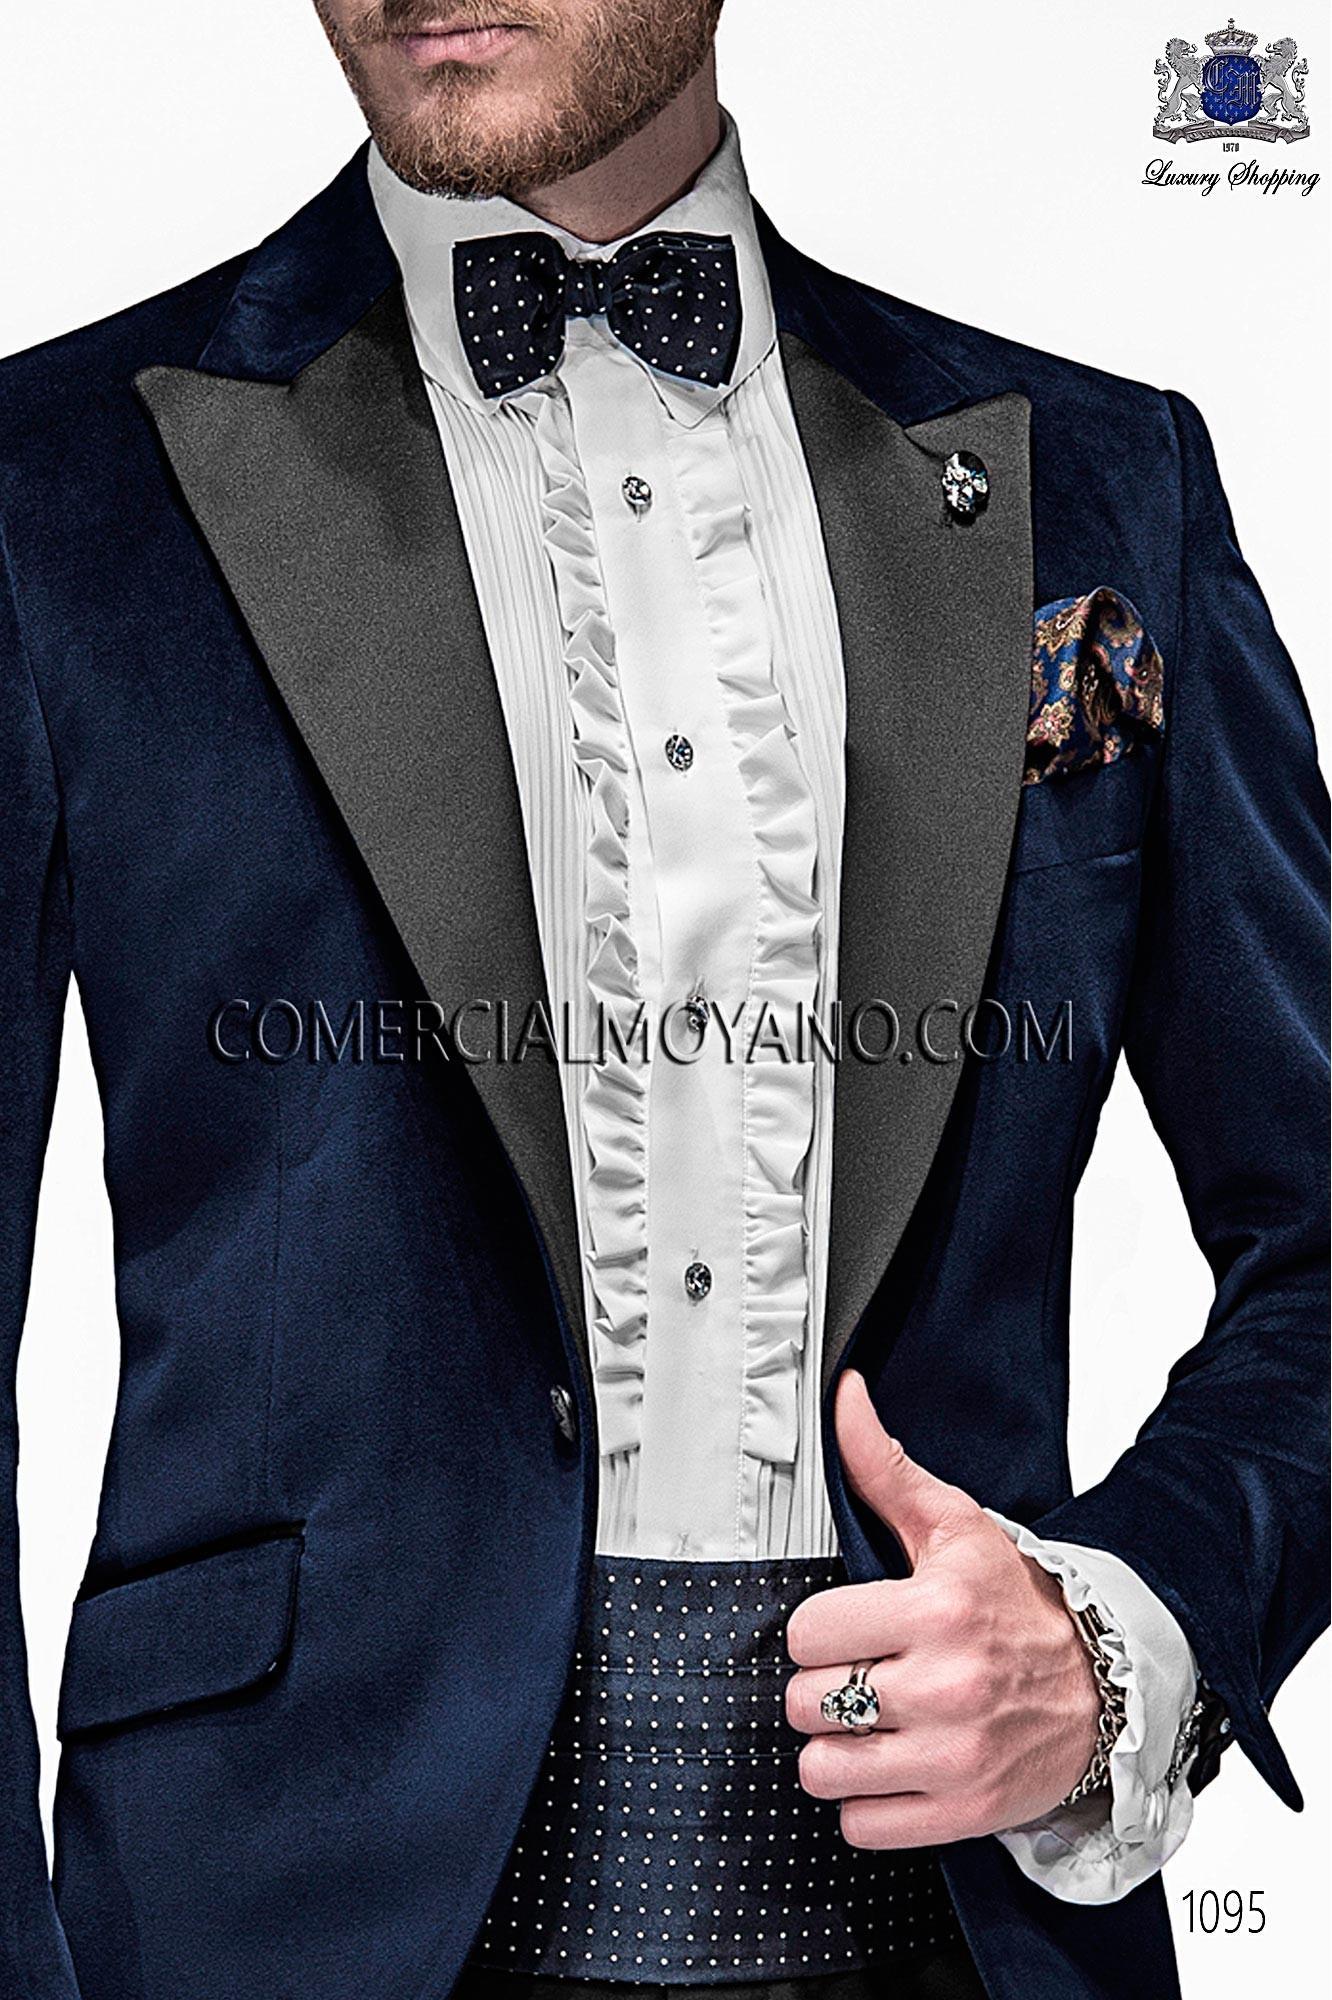 Traje Emotion de novio azul modelo: 1095 Ottavio Nuccio Gala colección Emotion 2017